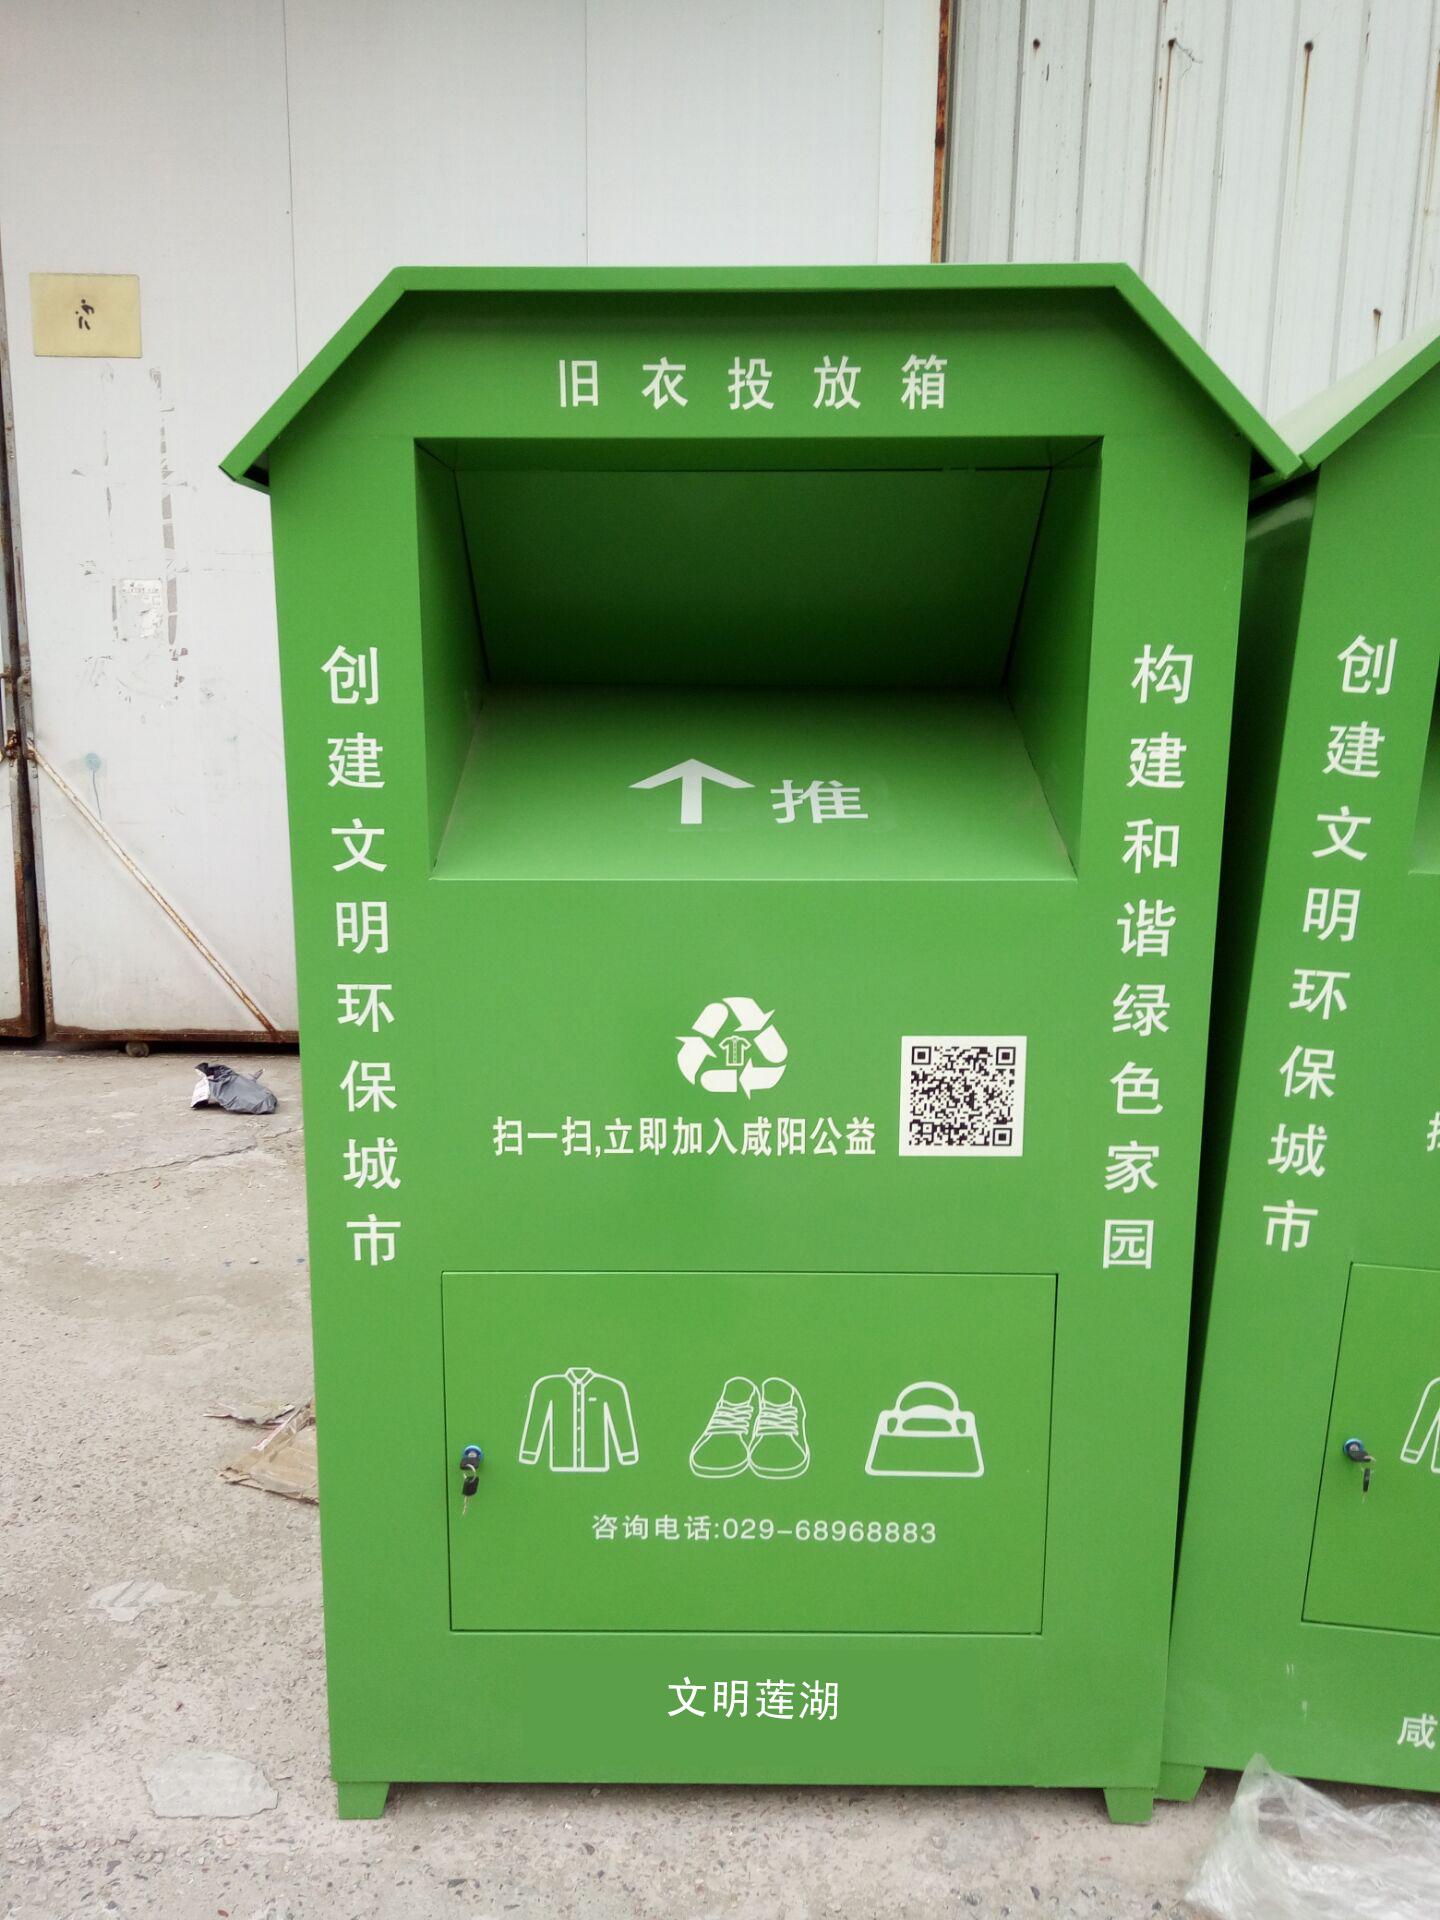 南京腾飞柜台货架厂专业生产工作服回收箱  旧衣服回收箱